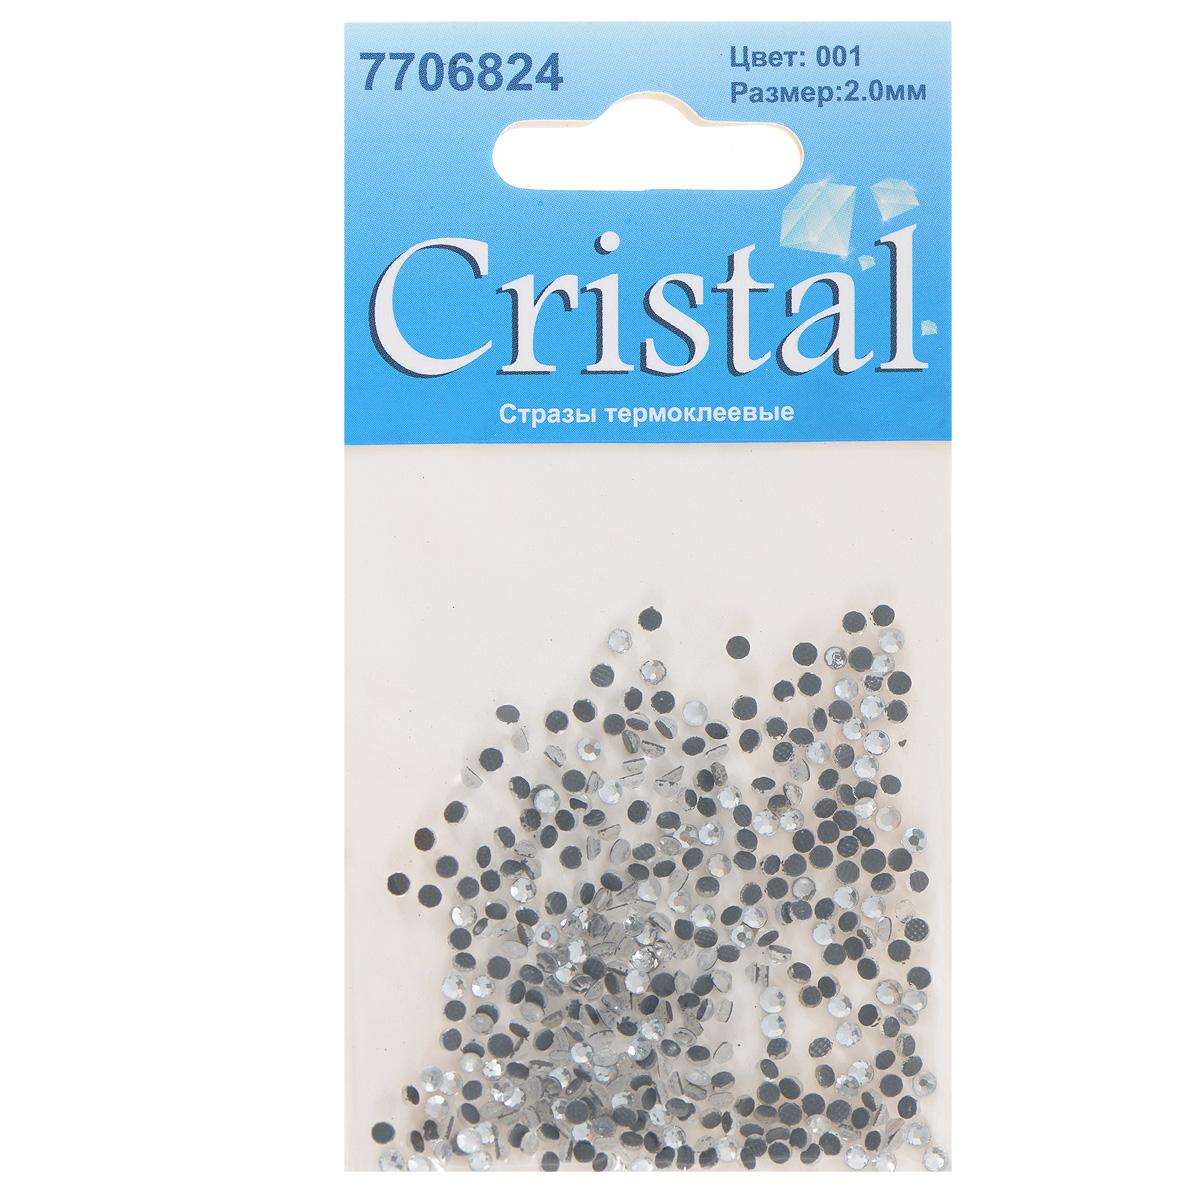 Стразы термоклеевые Cristal, цвет: белый (001), диаметр 2 мм, 432 шт97775318Набор термоклеевых страз Cristal, изготовленный из высококачественного акрила, позволит вам украсить одежду, аксессуары или текстиль. Яркие стразы имеют плоское дно и круглую поверхность с гранями.Дно термоклеевых страз уже обработано особым клеем, который под воздействием высоких температур начинает плавиться, приклеиваясь, таким образом, к требуемой поверхности. Чаще всего их используют в текстильной промышленности: стразы прикладывают к ткани и проглаживают утюгом с обратной стороны. Также можно использовать специальный паяльник. Украшение стразами поможет сделать любую вещь оригинальной и неповторимой. Диаметр страз: 2 мм.